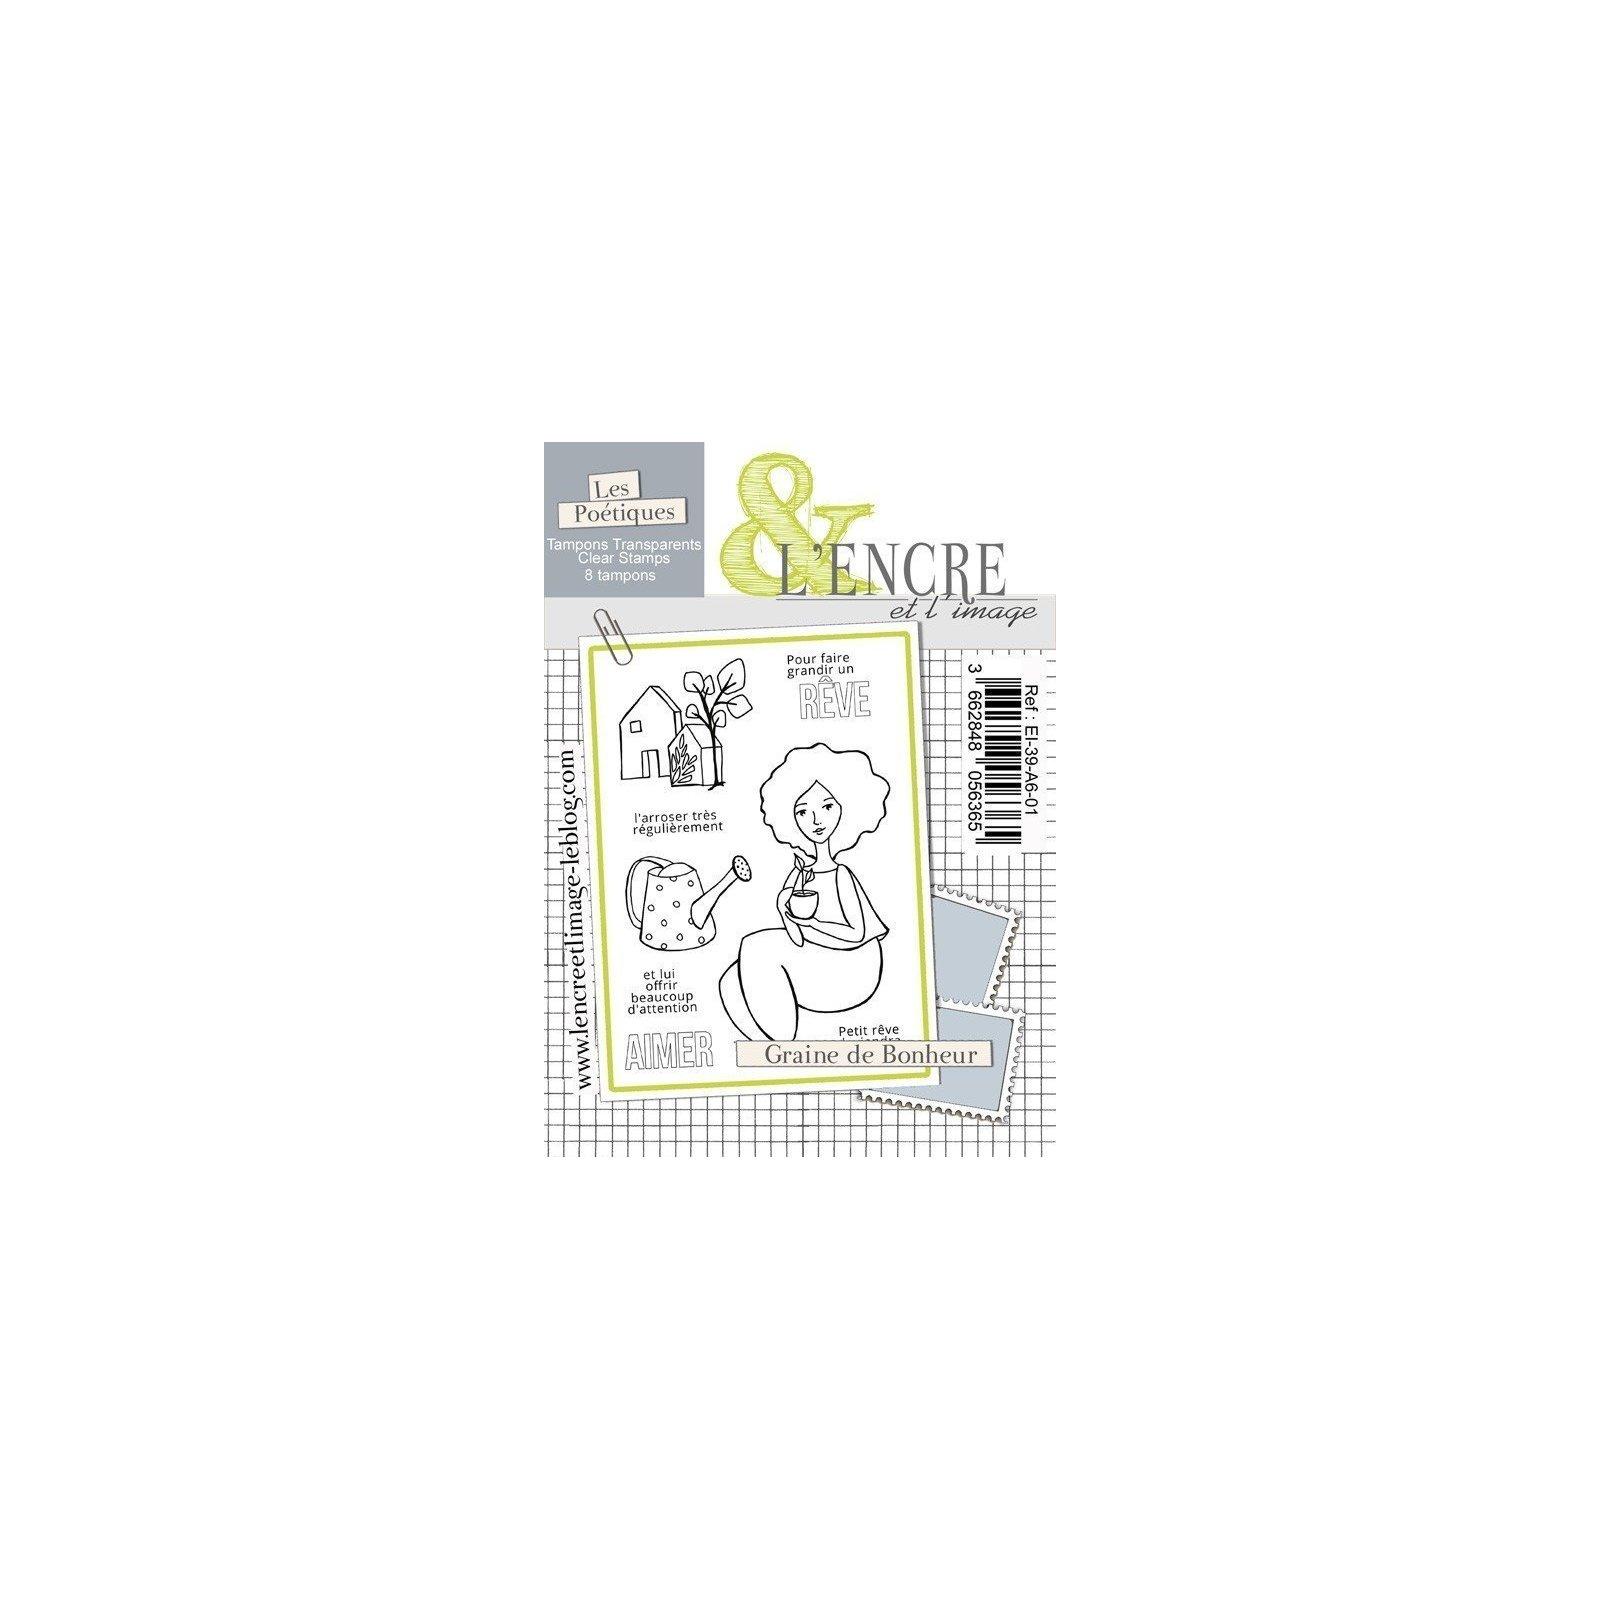 Tampon clear - Graine de bonheur - Collection 39 - L'encre et l'Image